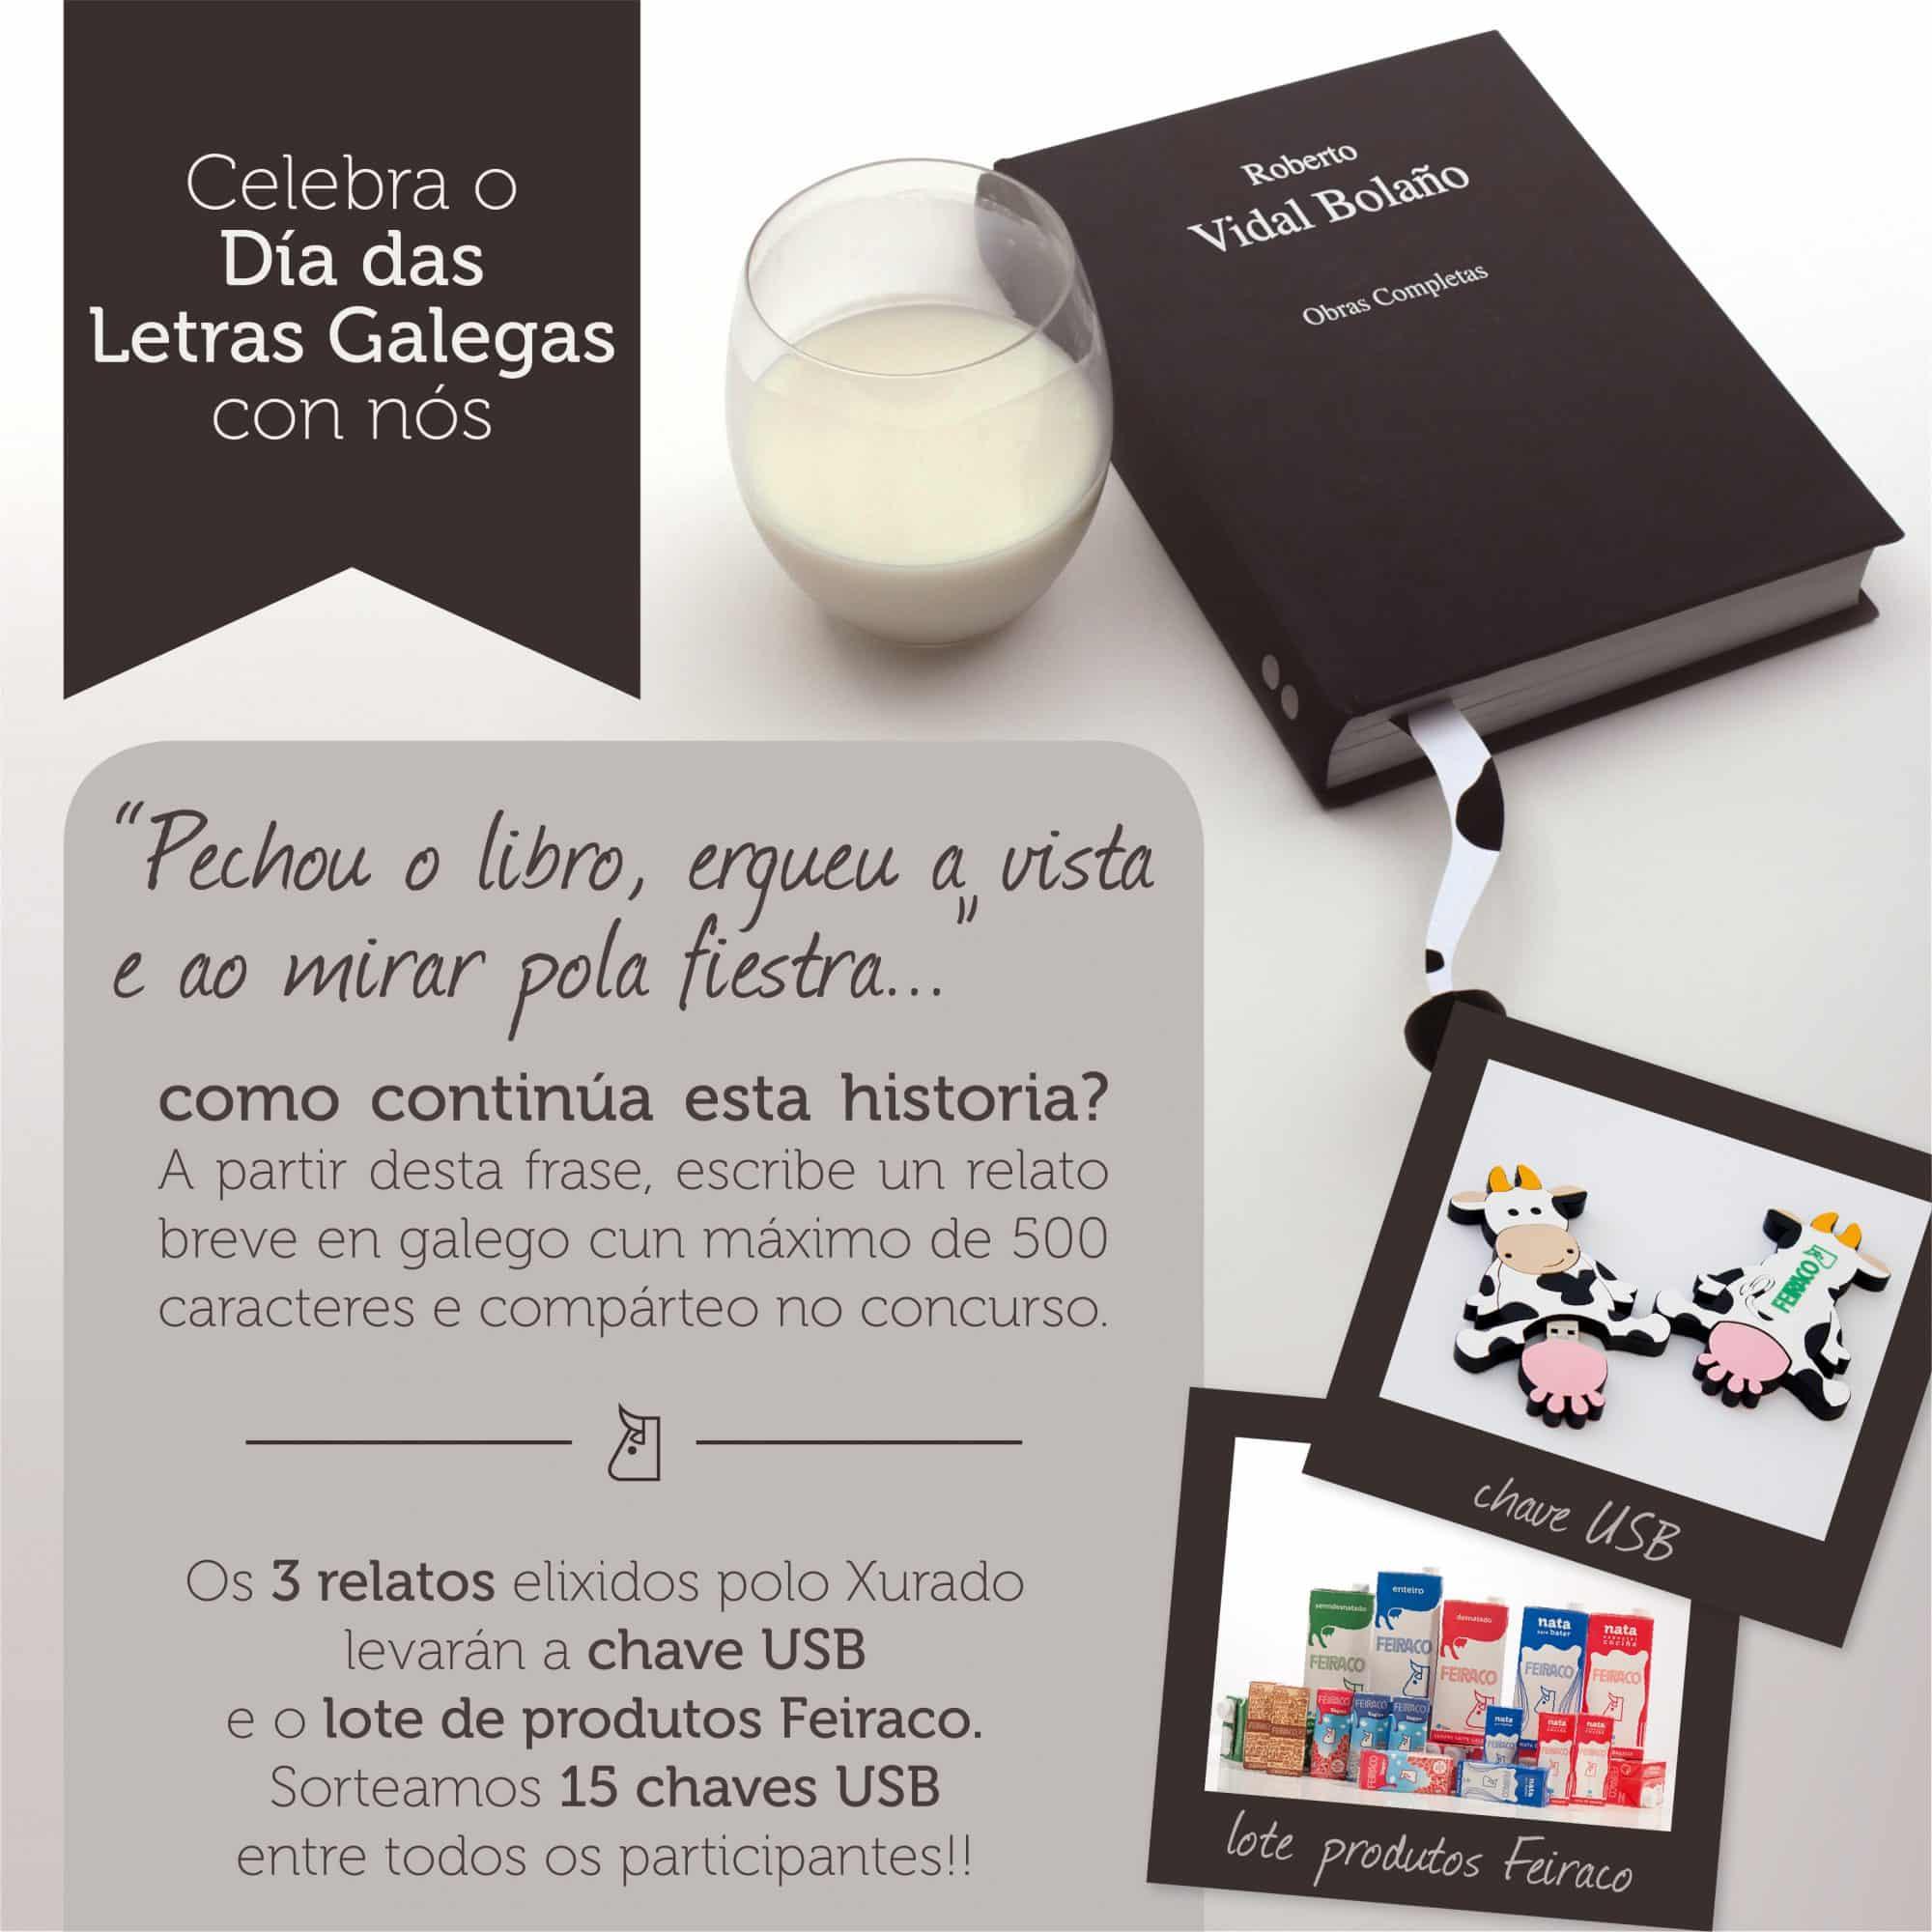 Feiraco-letras-galegas-facebook-promo